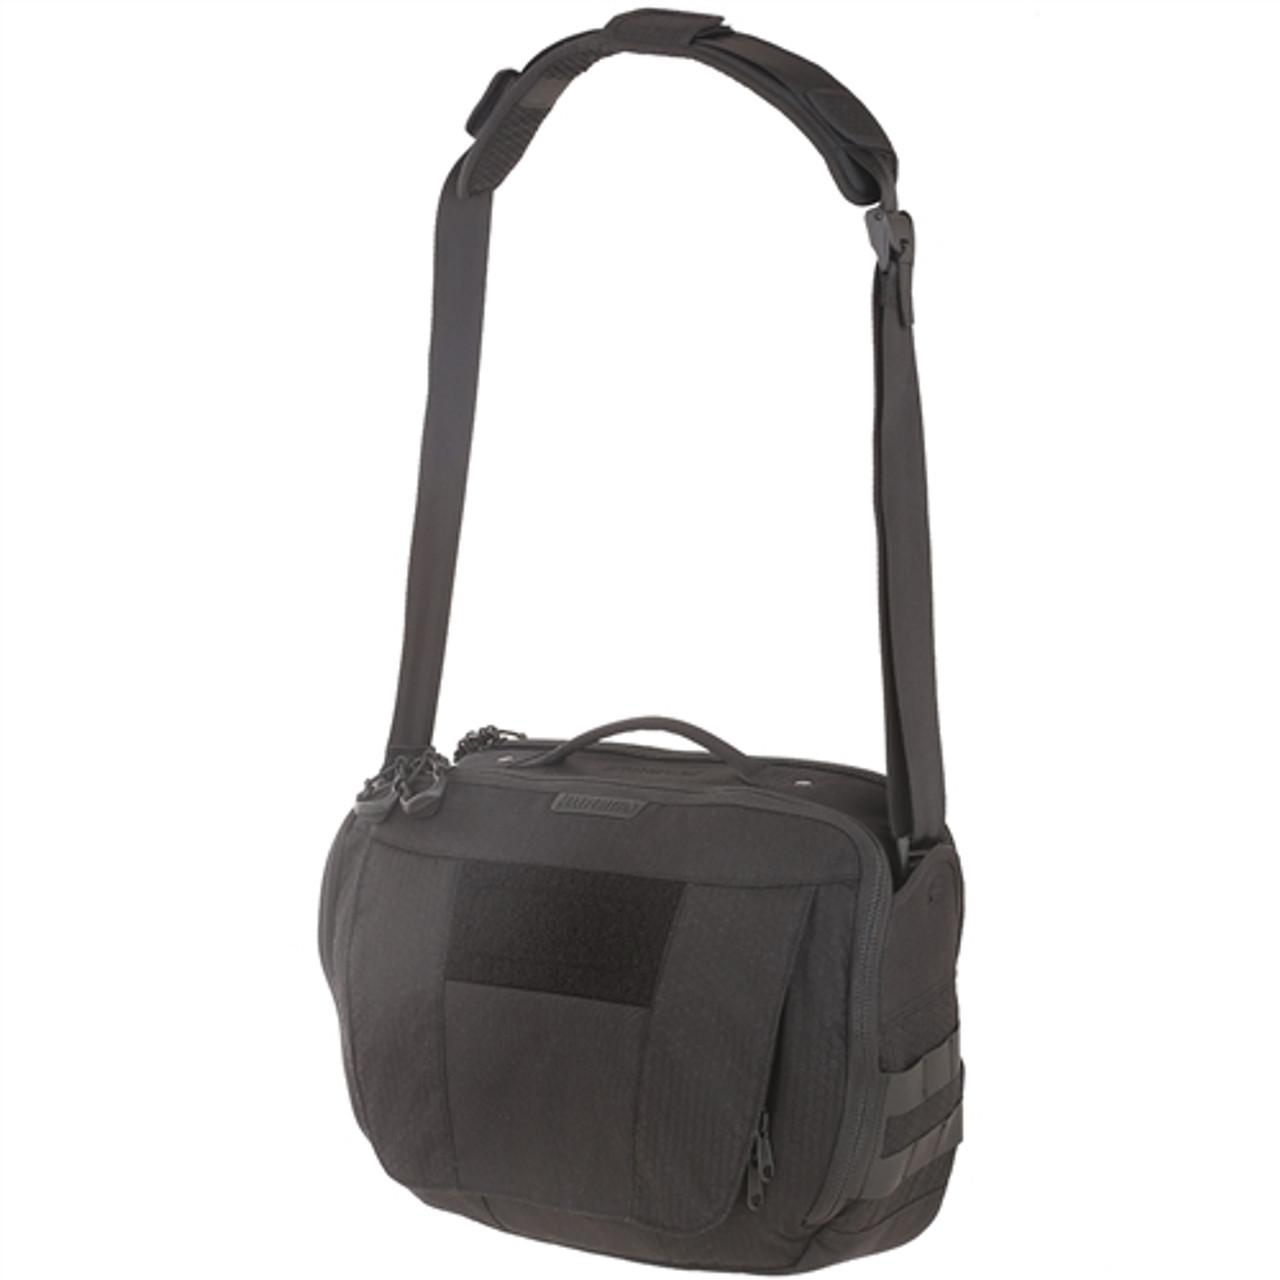 Maxpedition SKRBLK AGR Skyridge Tech Messenger Bag, Black